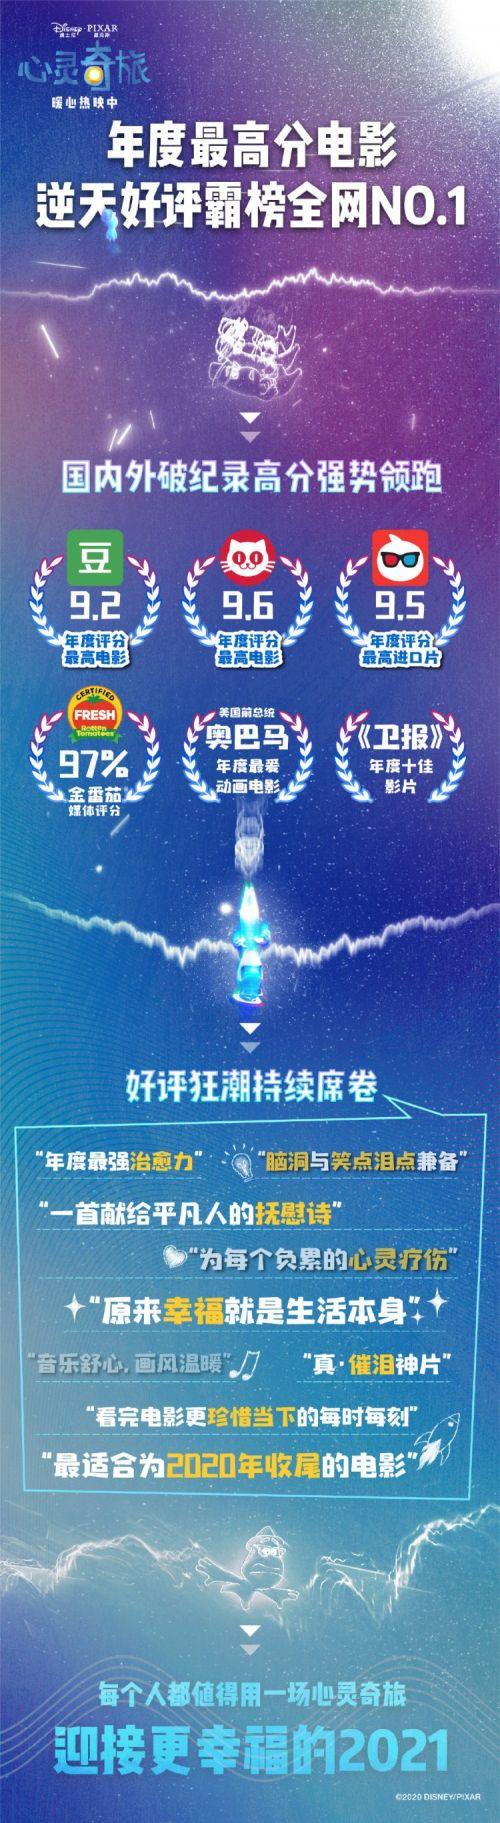 皮克斯新片《心灵奇旅》国内热映 斩获电影年榜TOP1评分